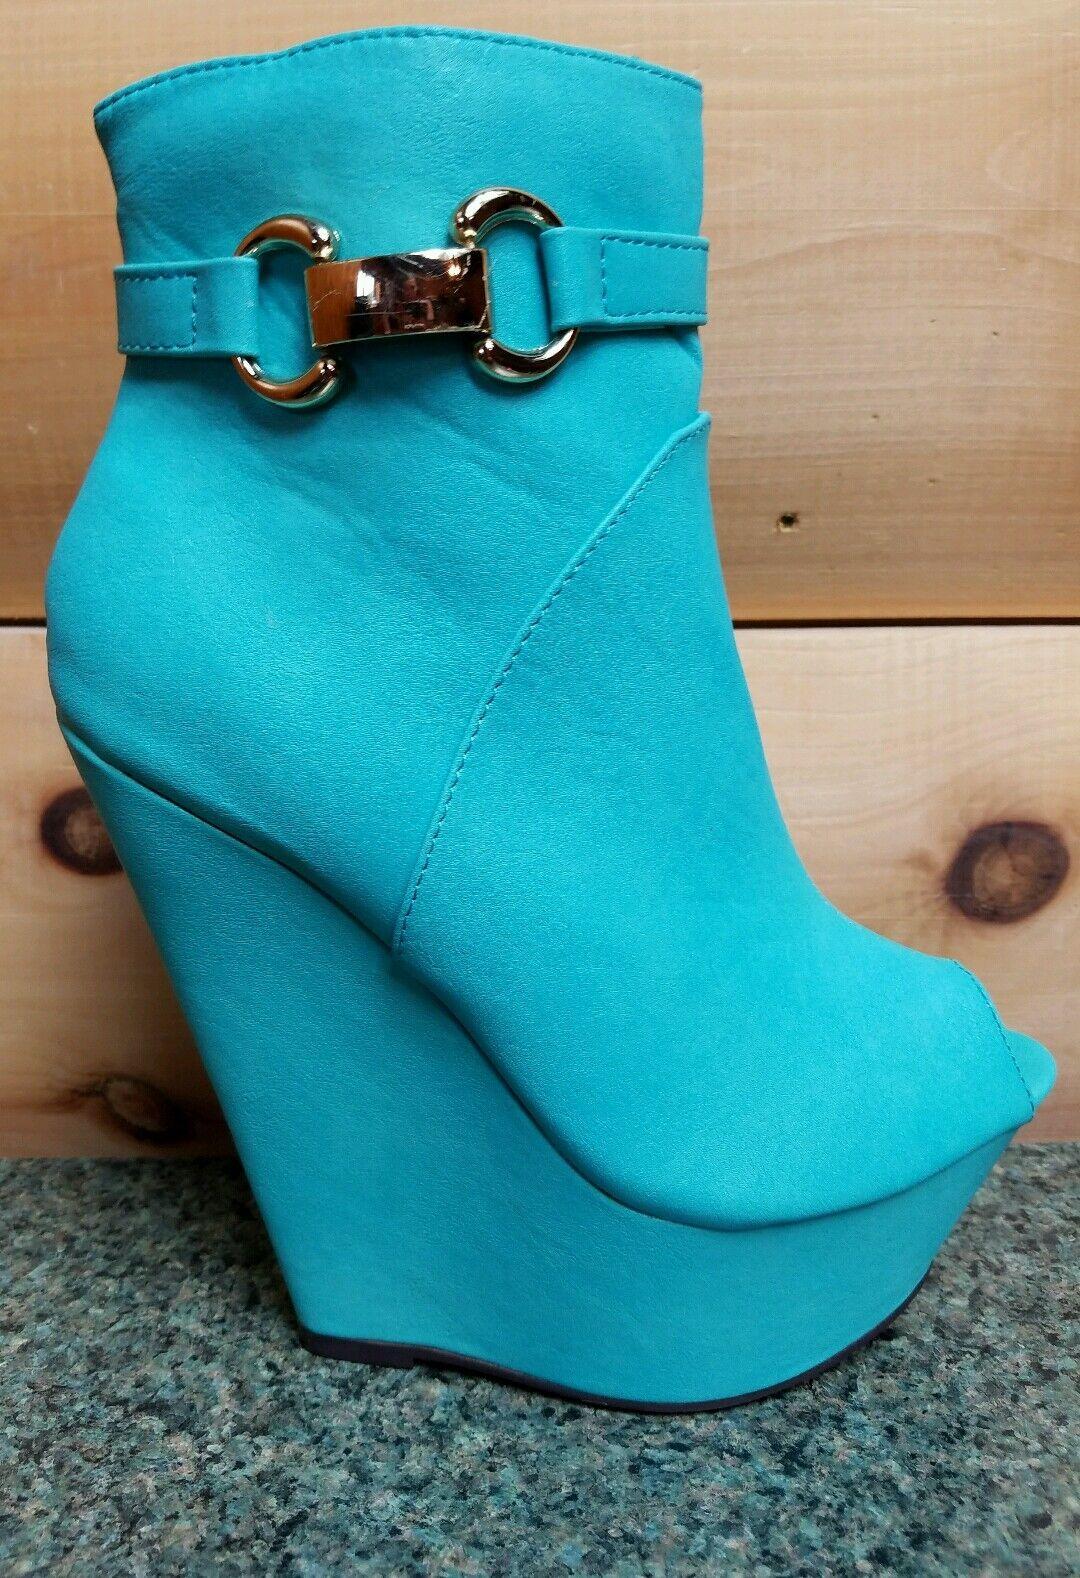 Mona mia India Tobillo De Cuña Con Plataforma Puntera Abierta Zapatos bota de verde menta